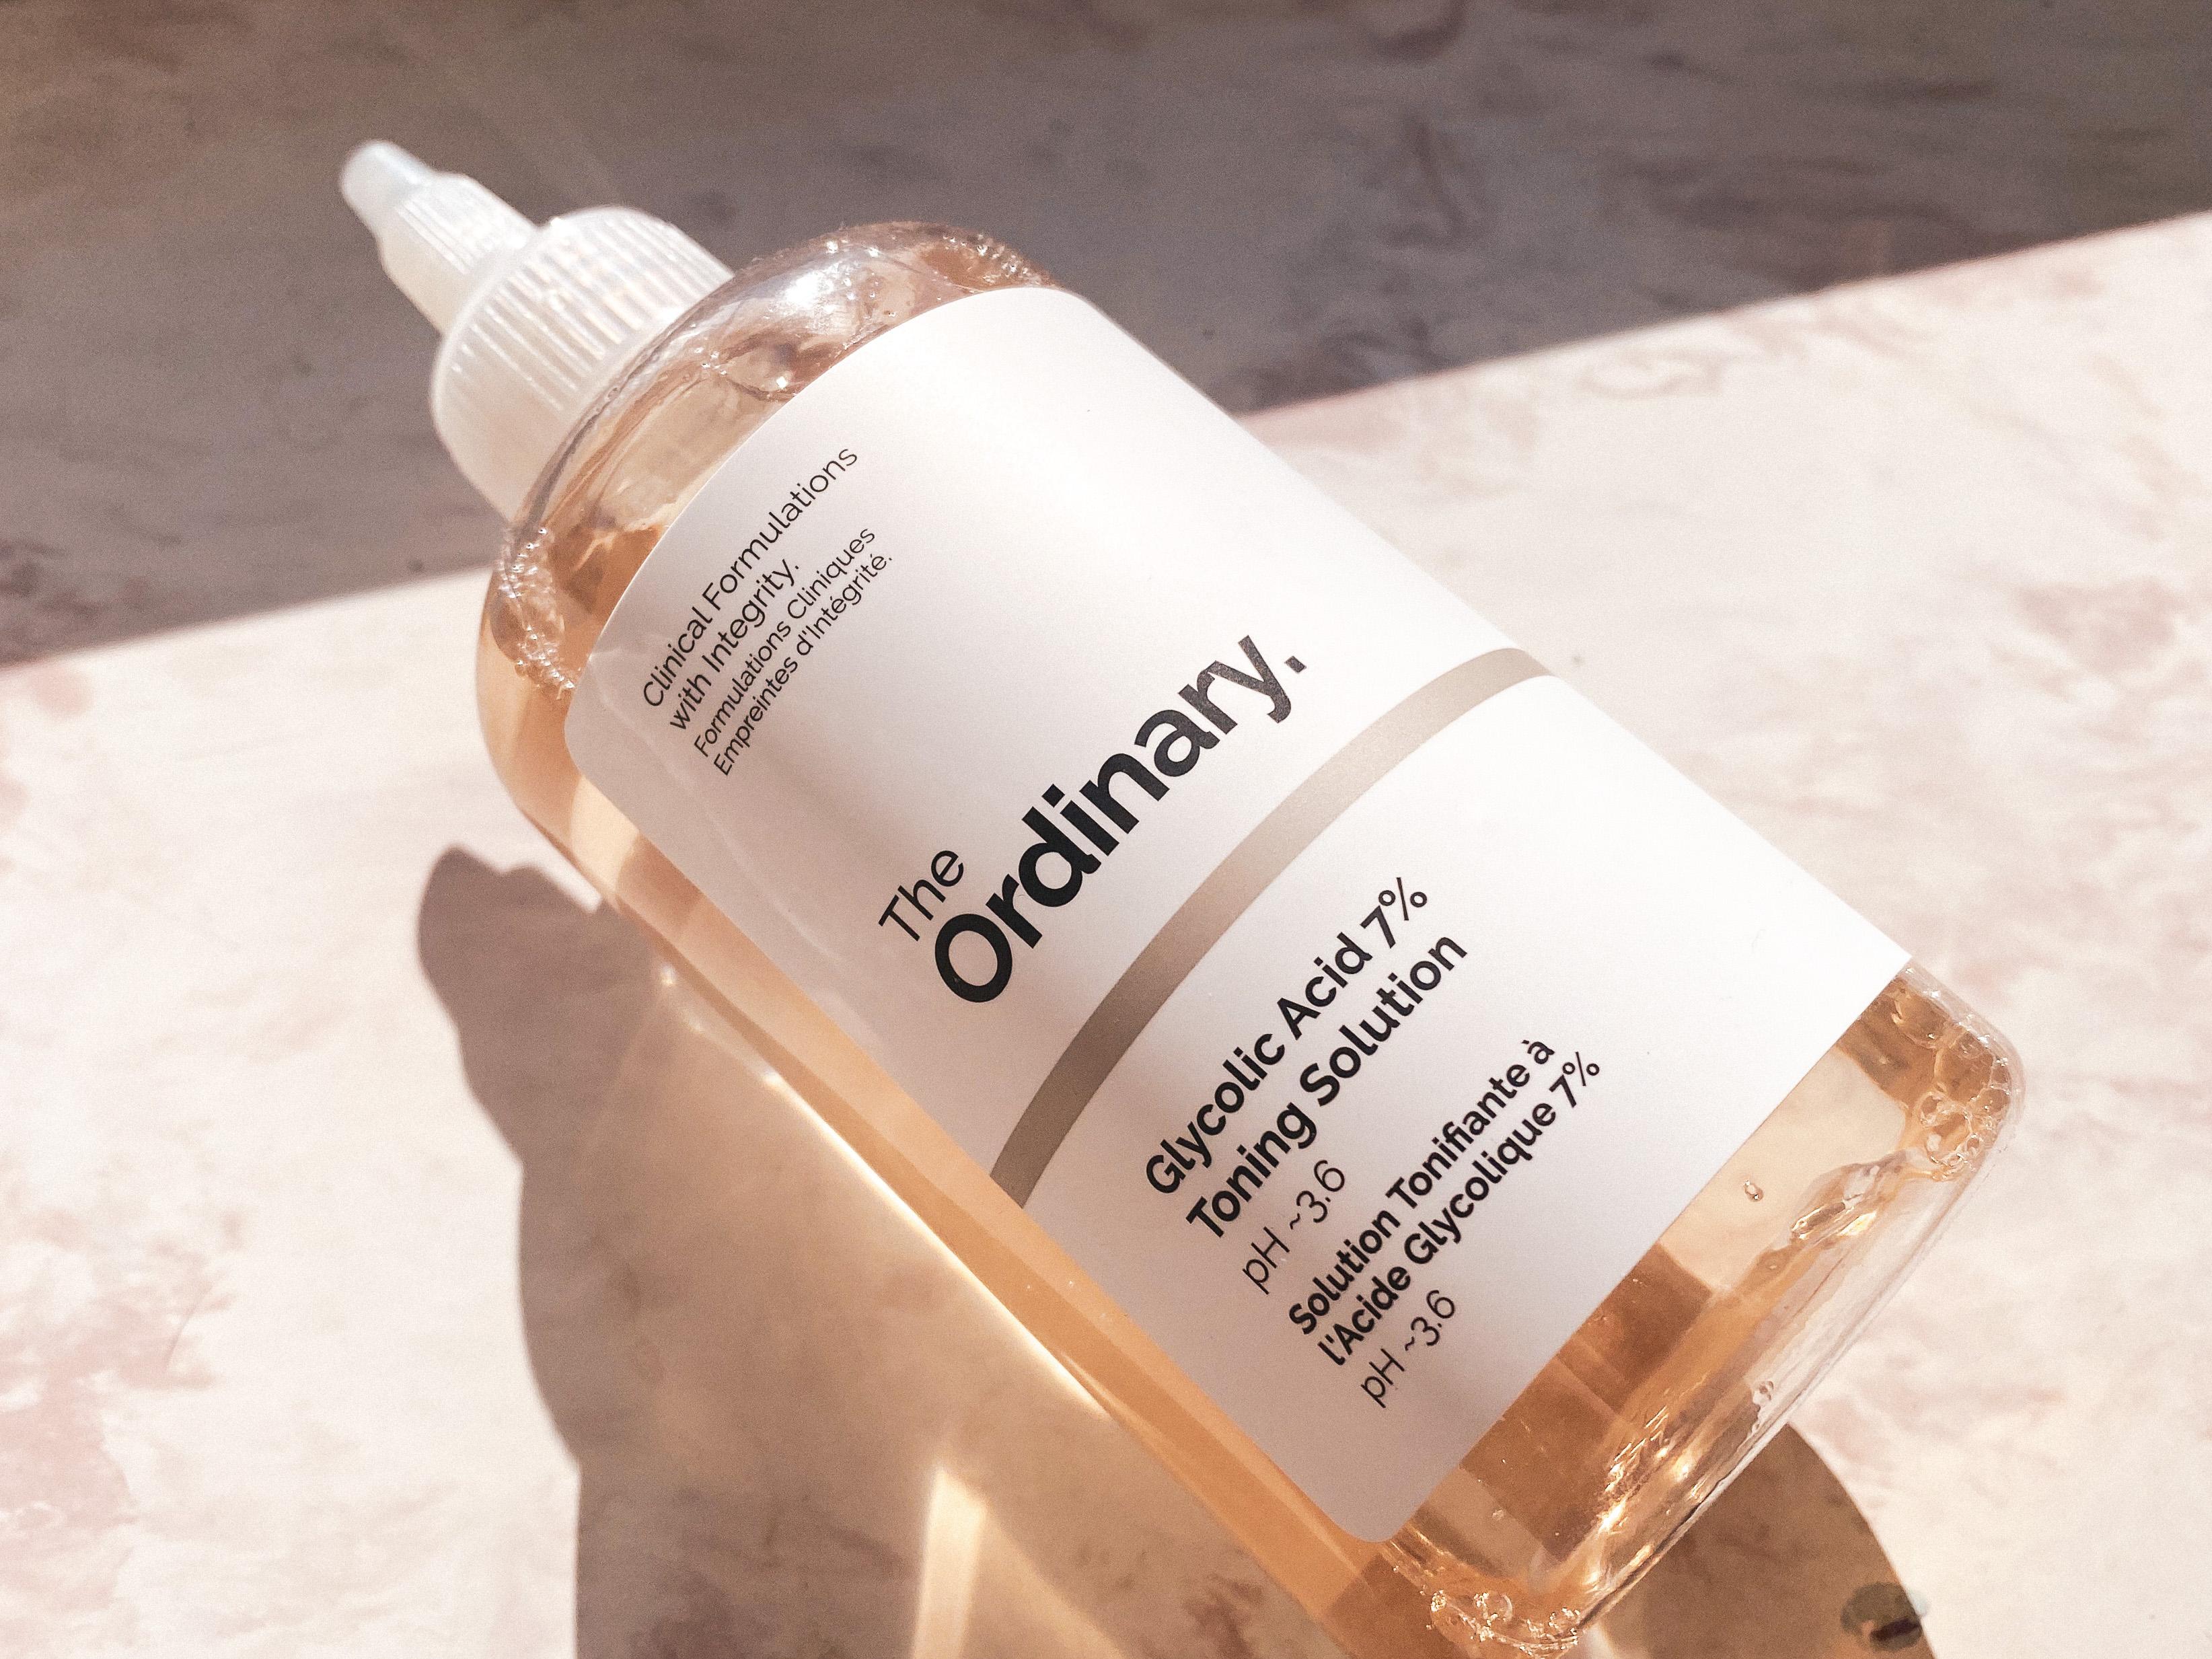 The Ordinary - Glycolic Acid 7% Toning Solution - Tonik Peelingujący z 7% Kwasem Glikolowym